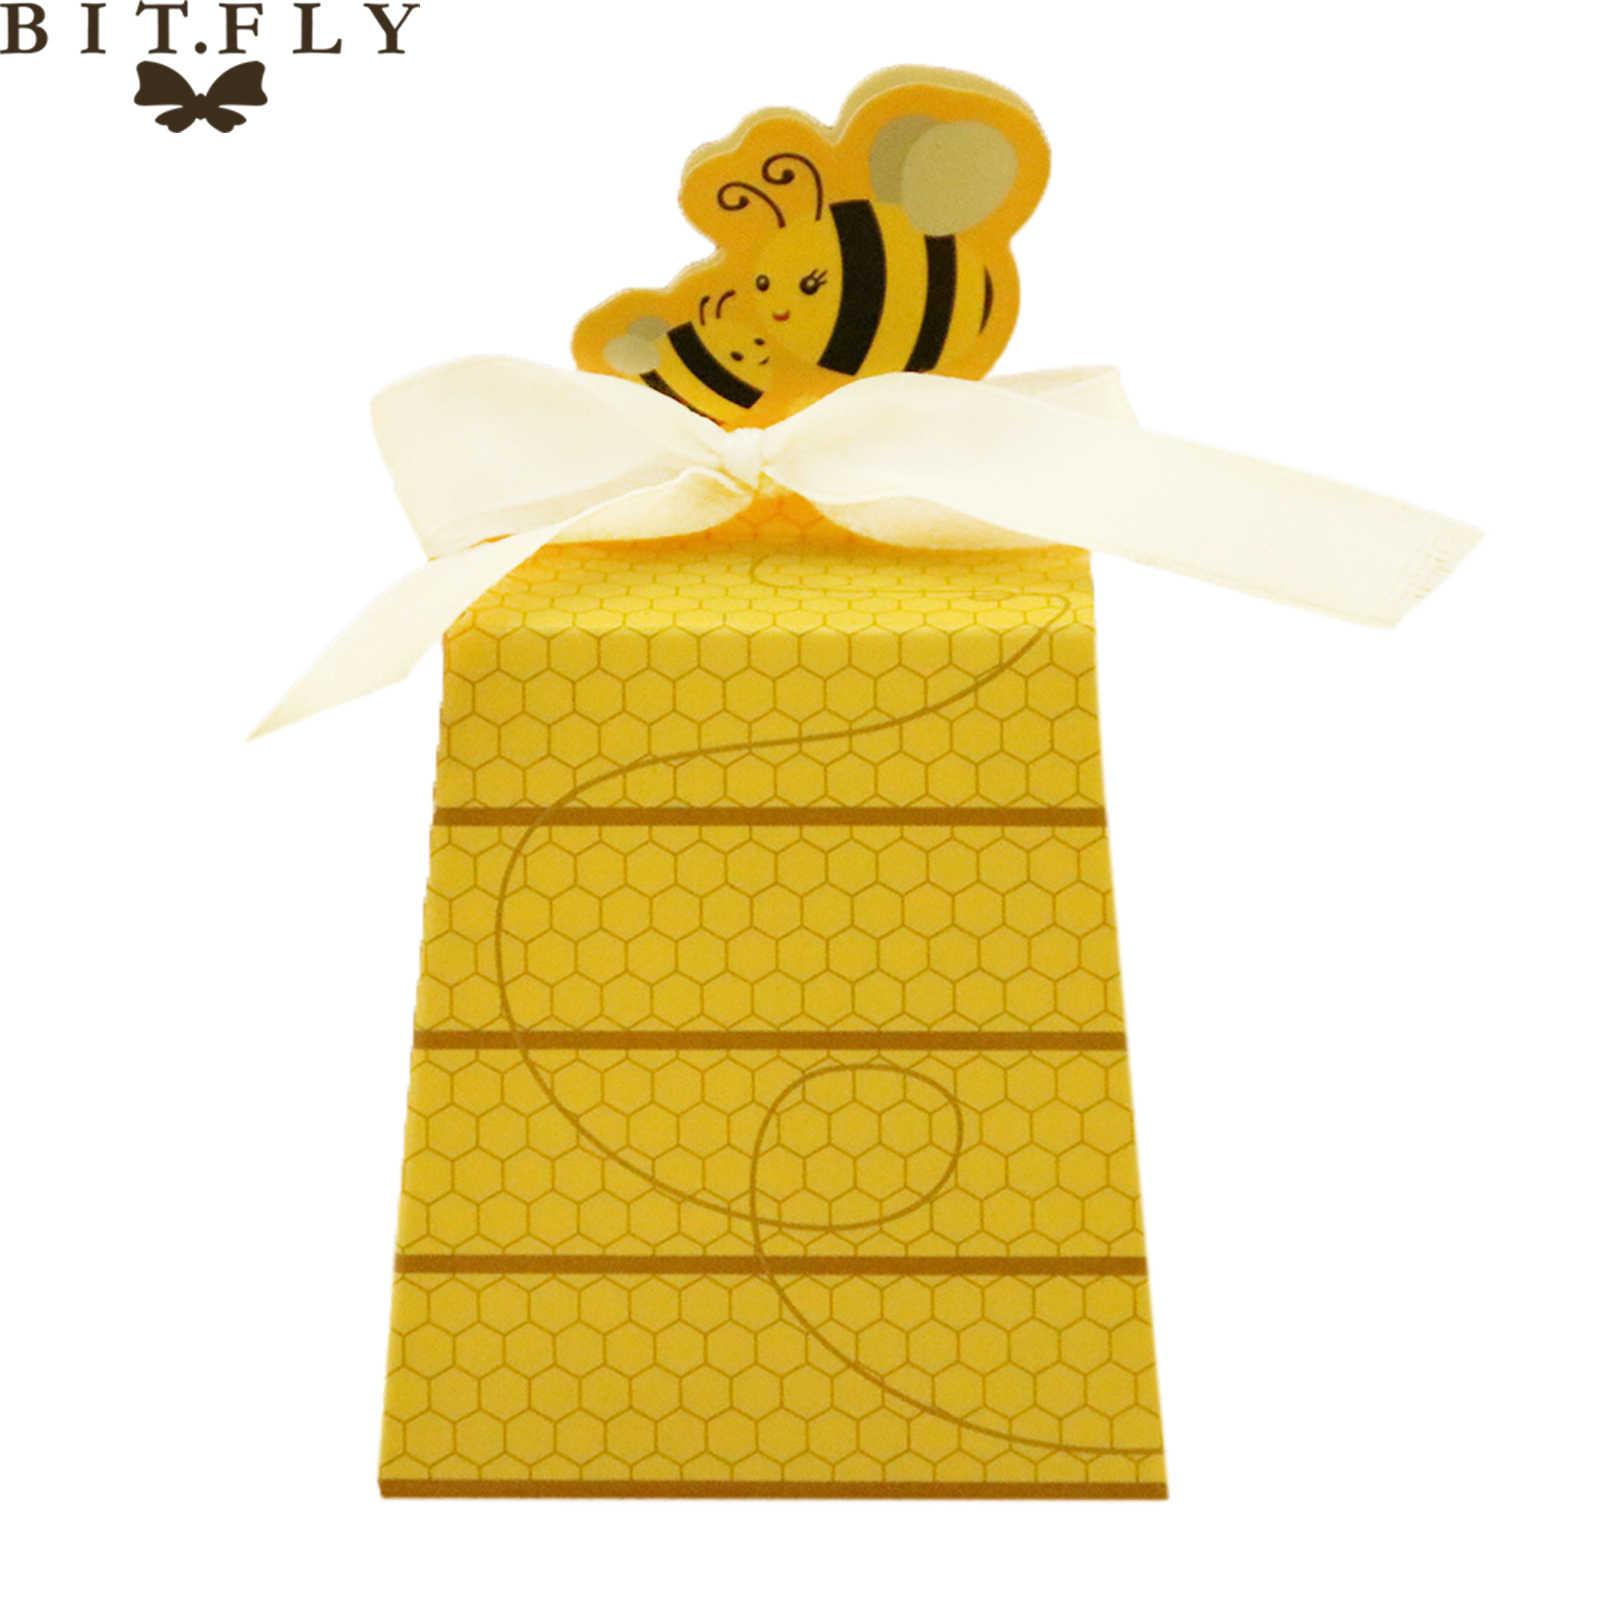 10 pcs Bonito Dos Desenhos Animados da Abelha do Mel de Chocolate Caixa de Doces Caixa de Presente com Fita de Papel Para O Bebê Do Chuveiro Do Casamento Do Partido Do Festival decoração